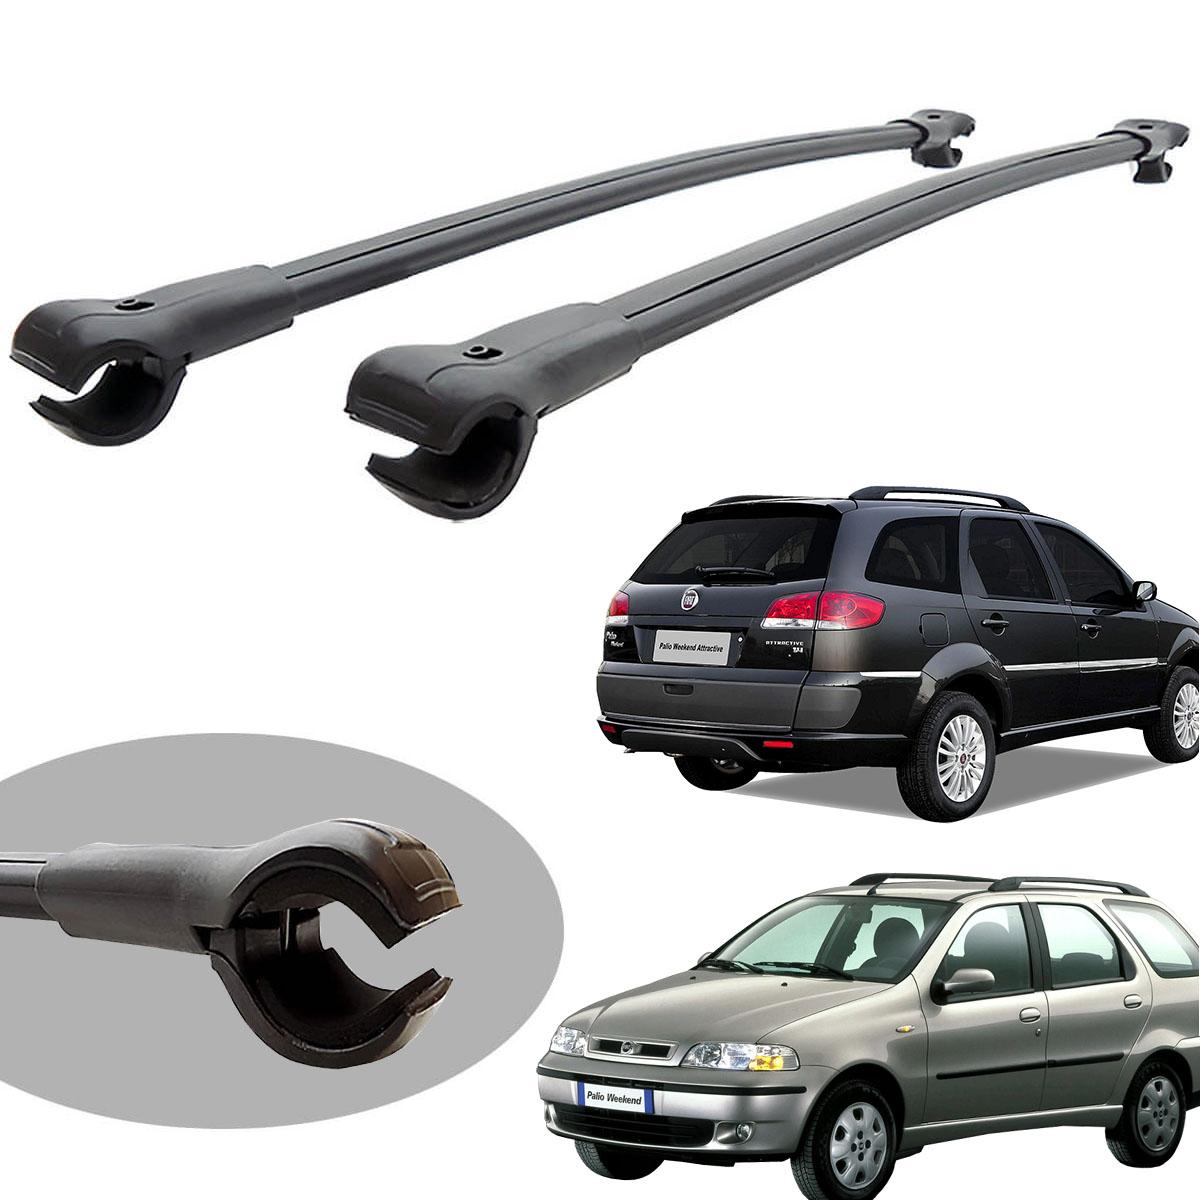 Travessa rack de teto larga preta alumínio Palio Weekend 1997 a 2020